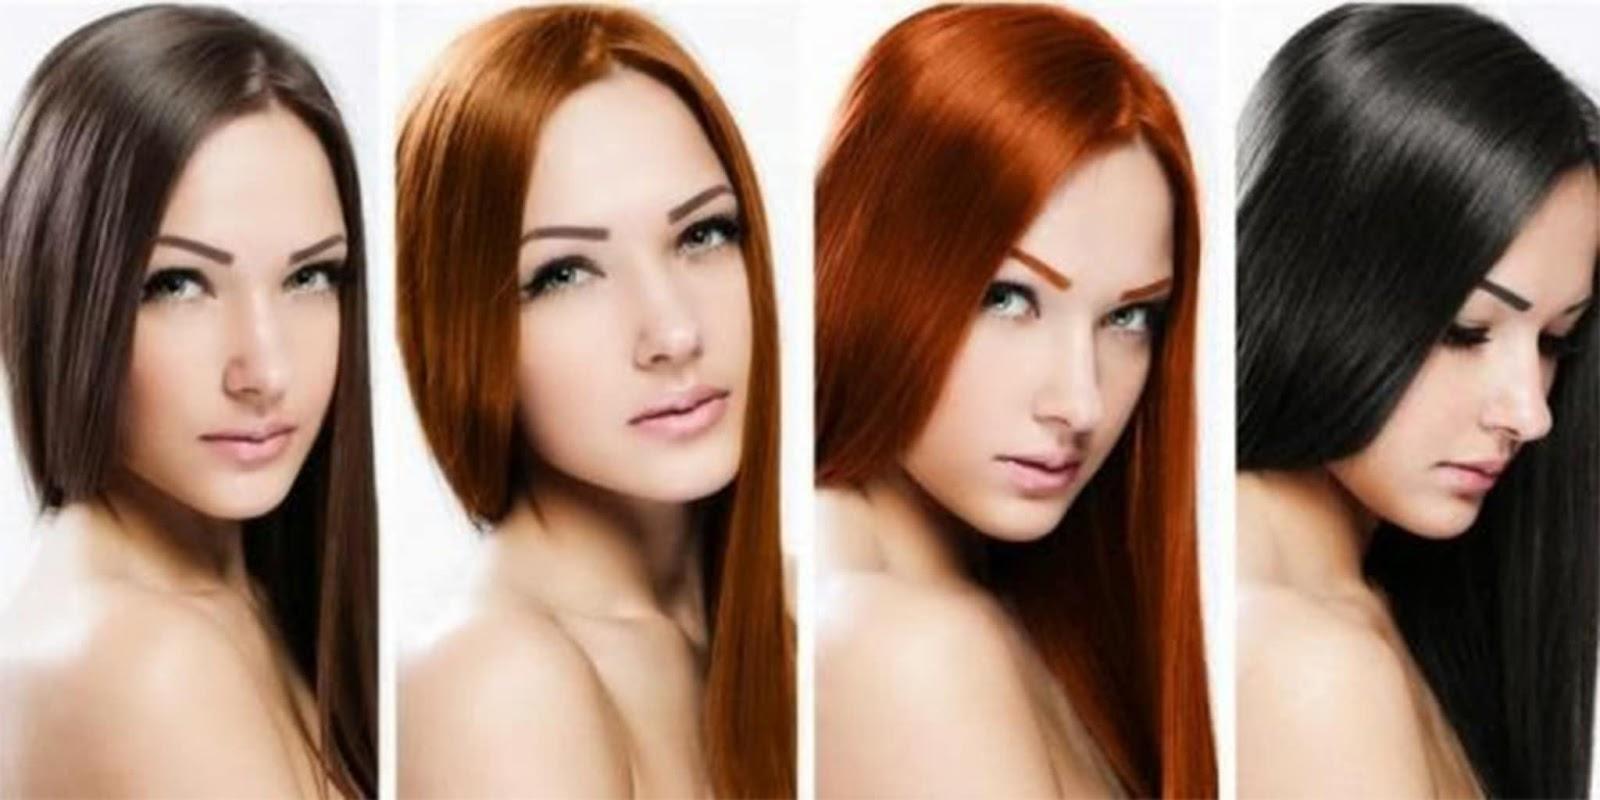 Tips Terbaik Yang Bisa Anda Terapkan Sebelum Membeli Semir Rambut Di Hi Top Memilih Softlens Sesuai Dengan Warna 161006 Bukalapak